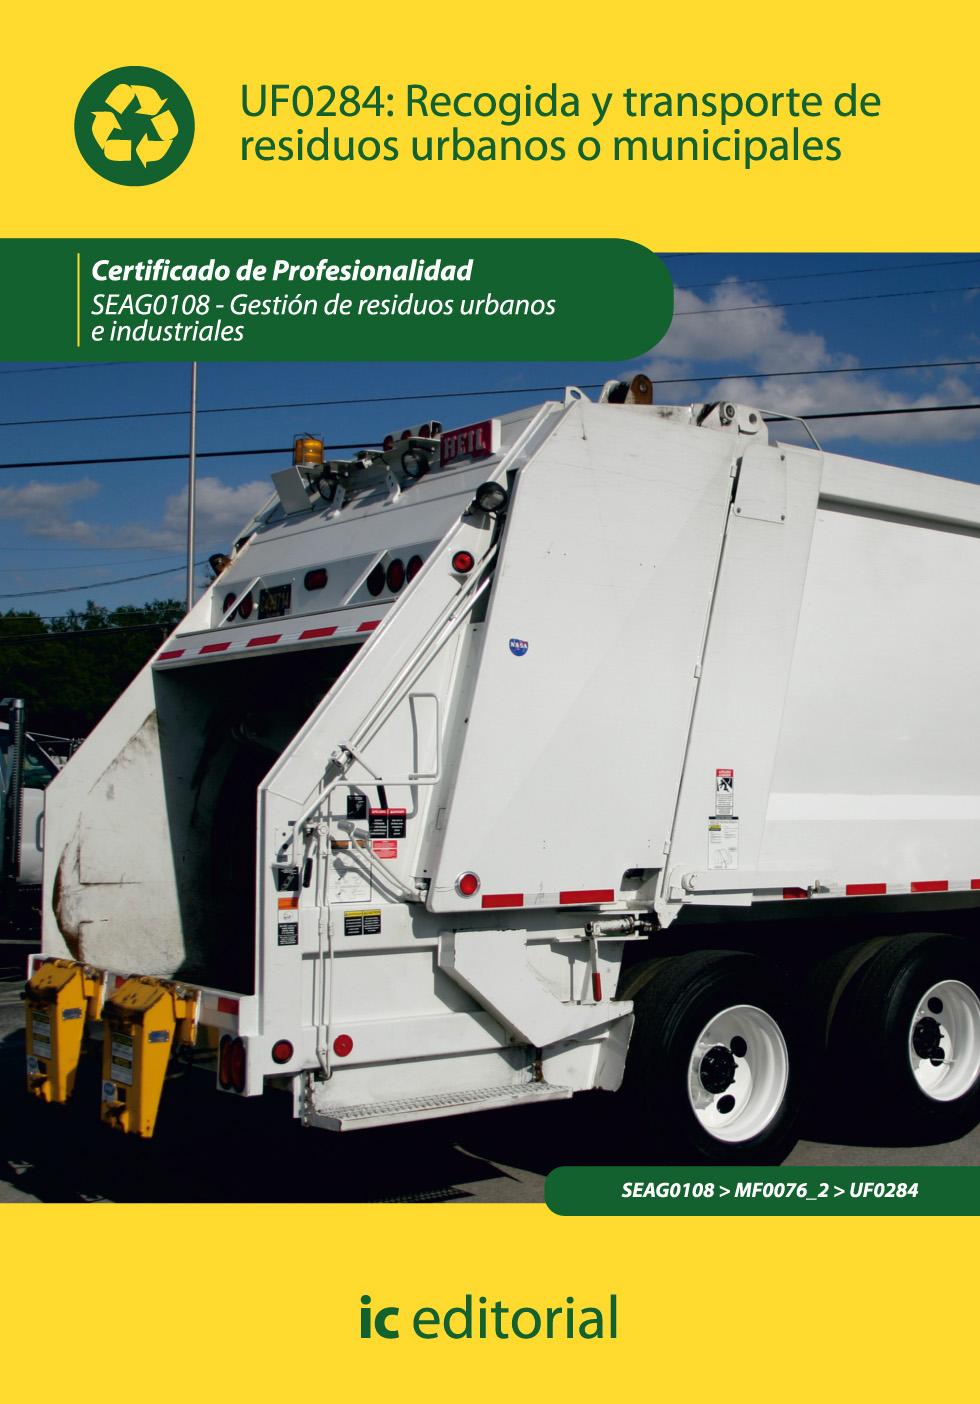 •Recogida y transporte de residuos urbanos o municipales UF0284